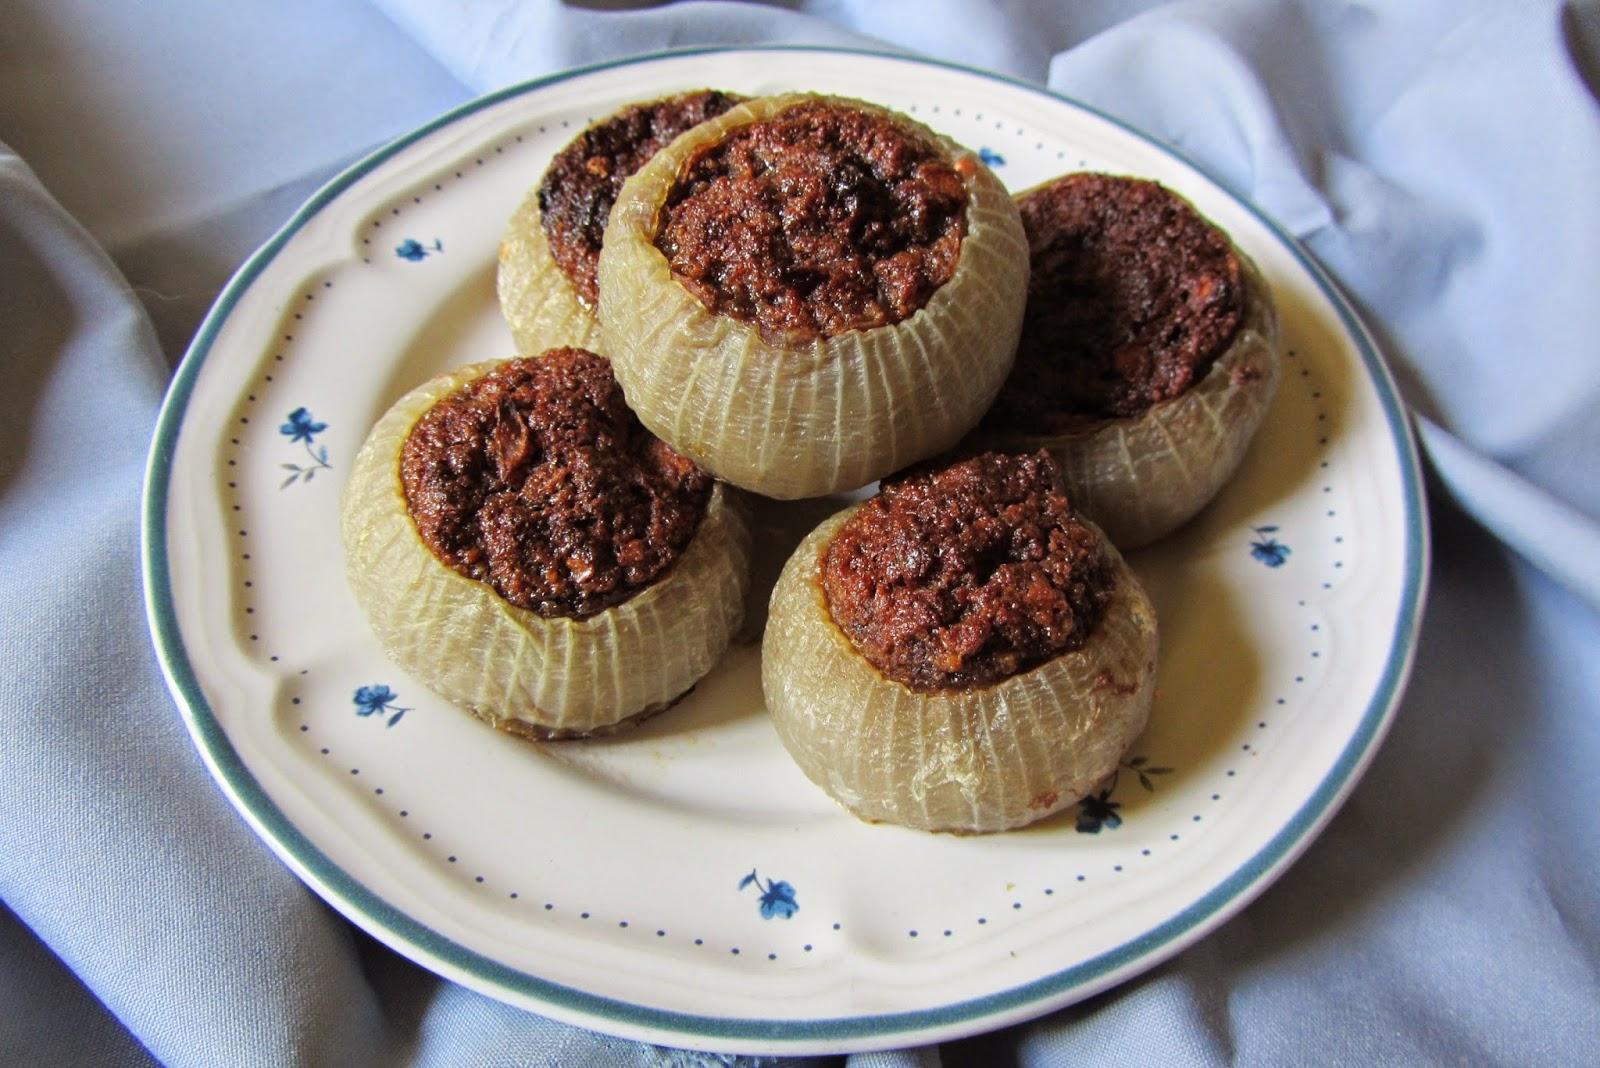 cipolle ripiene dolci con amaretti e cacao